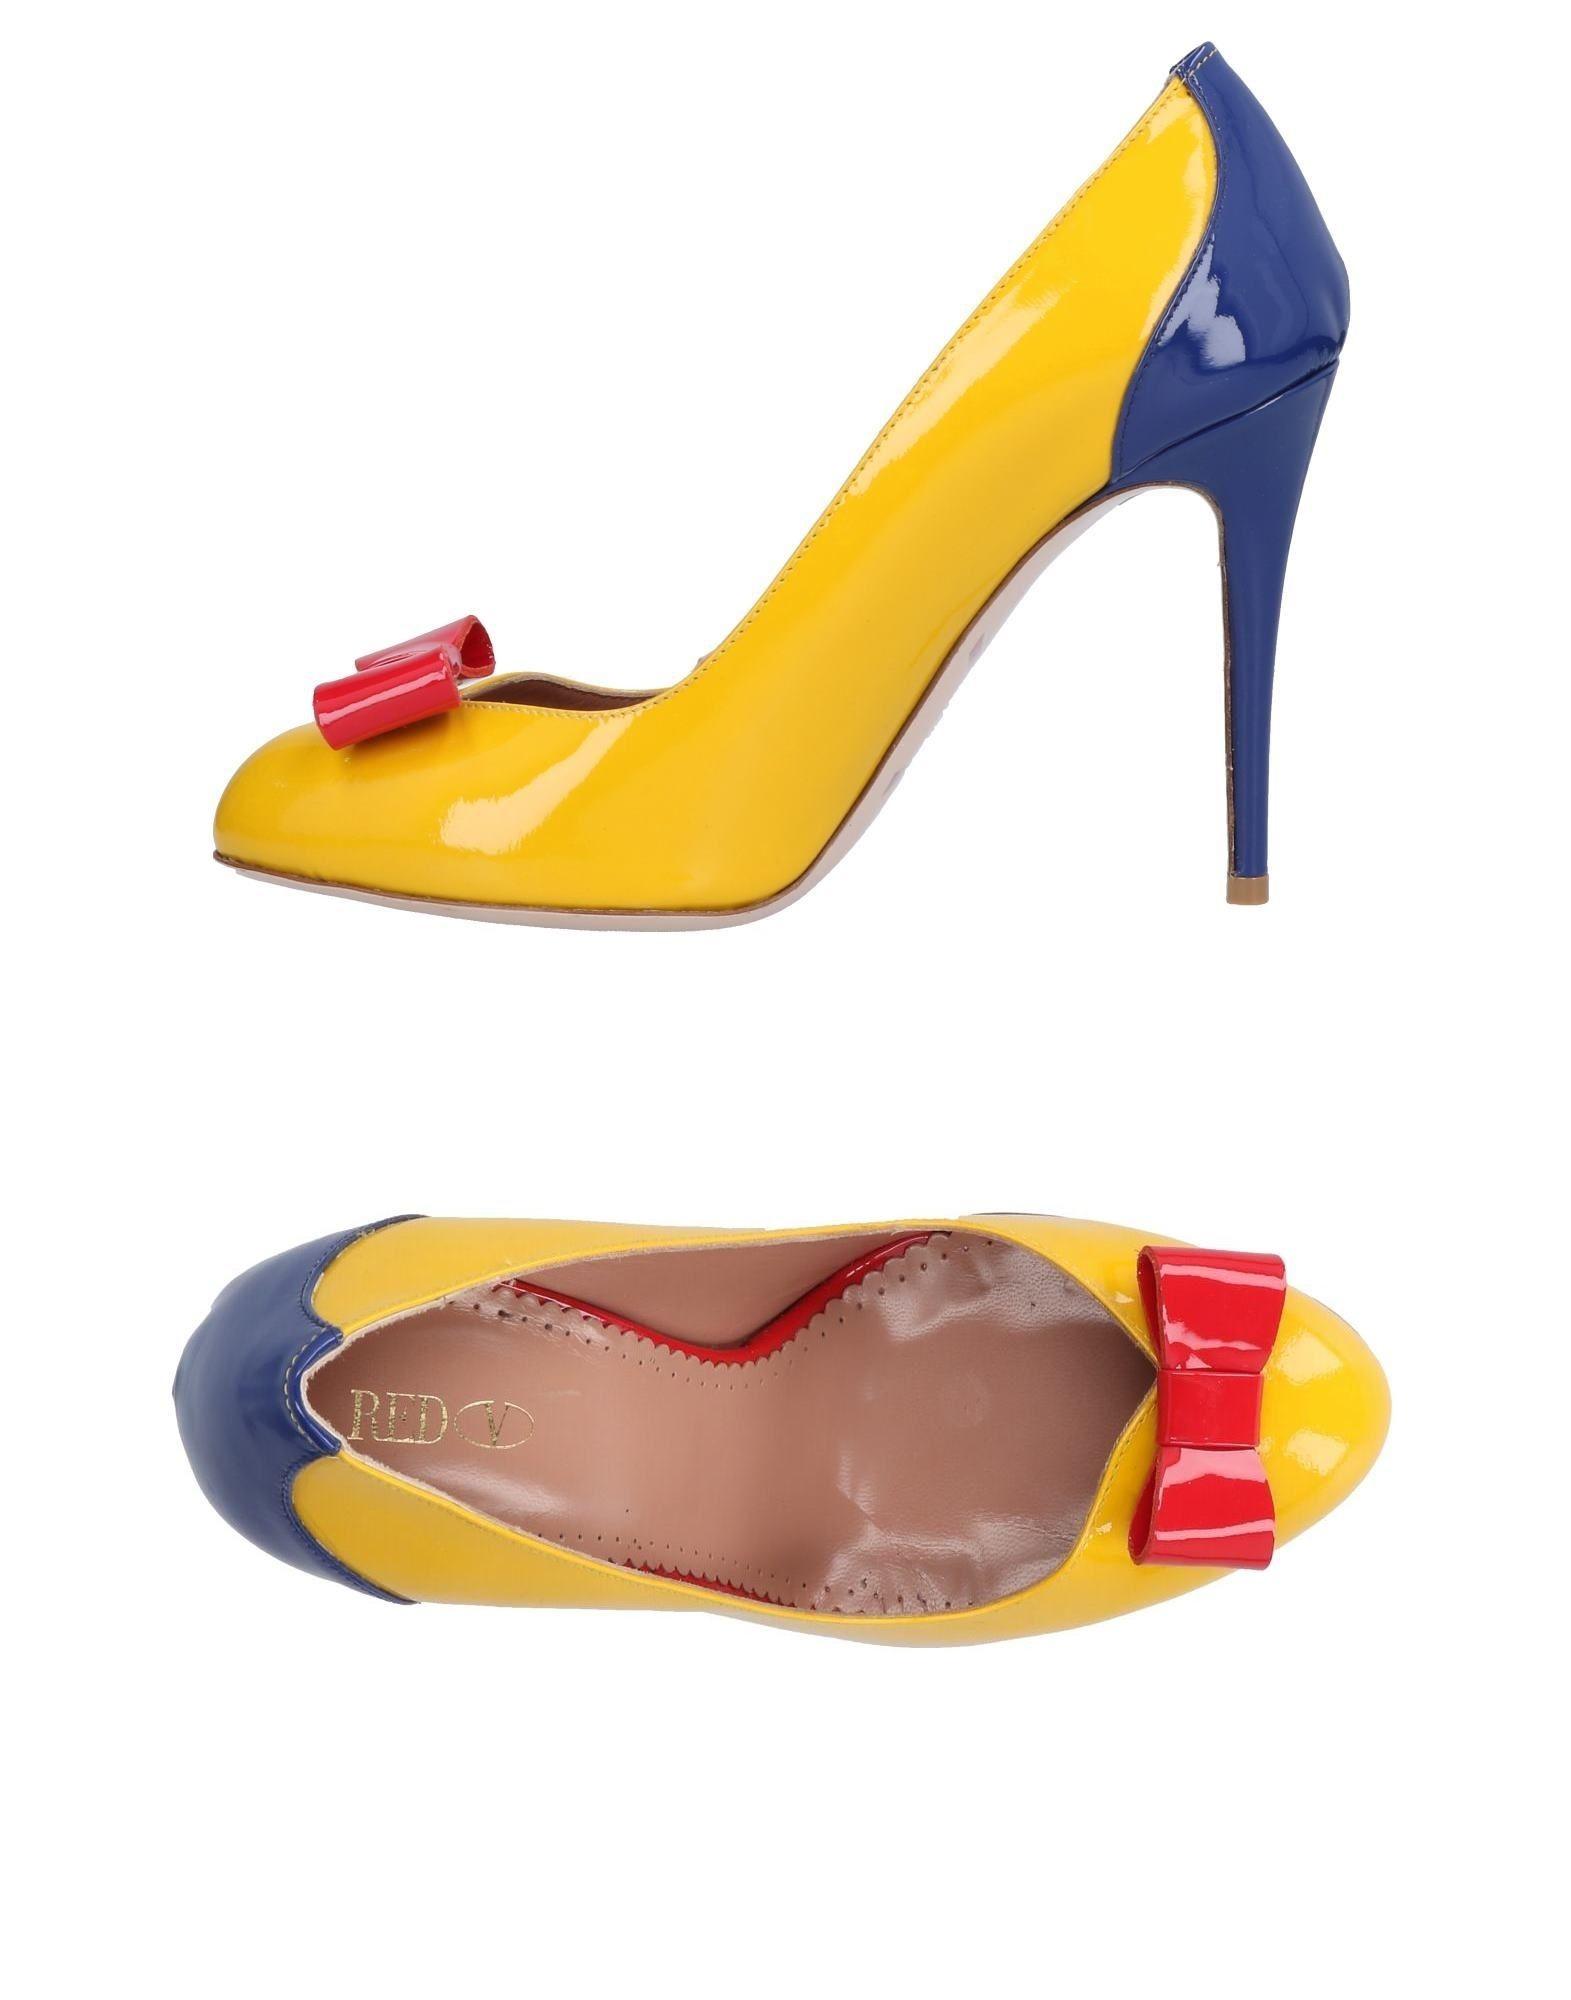 Haltbare Mode billige Schuhe Red(V) Pumps Damen  11472001IR Heiße Schuhe